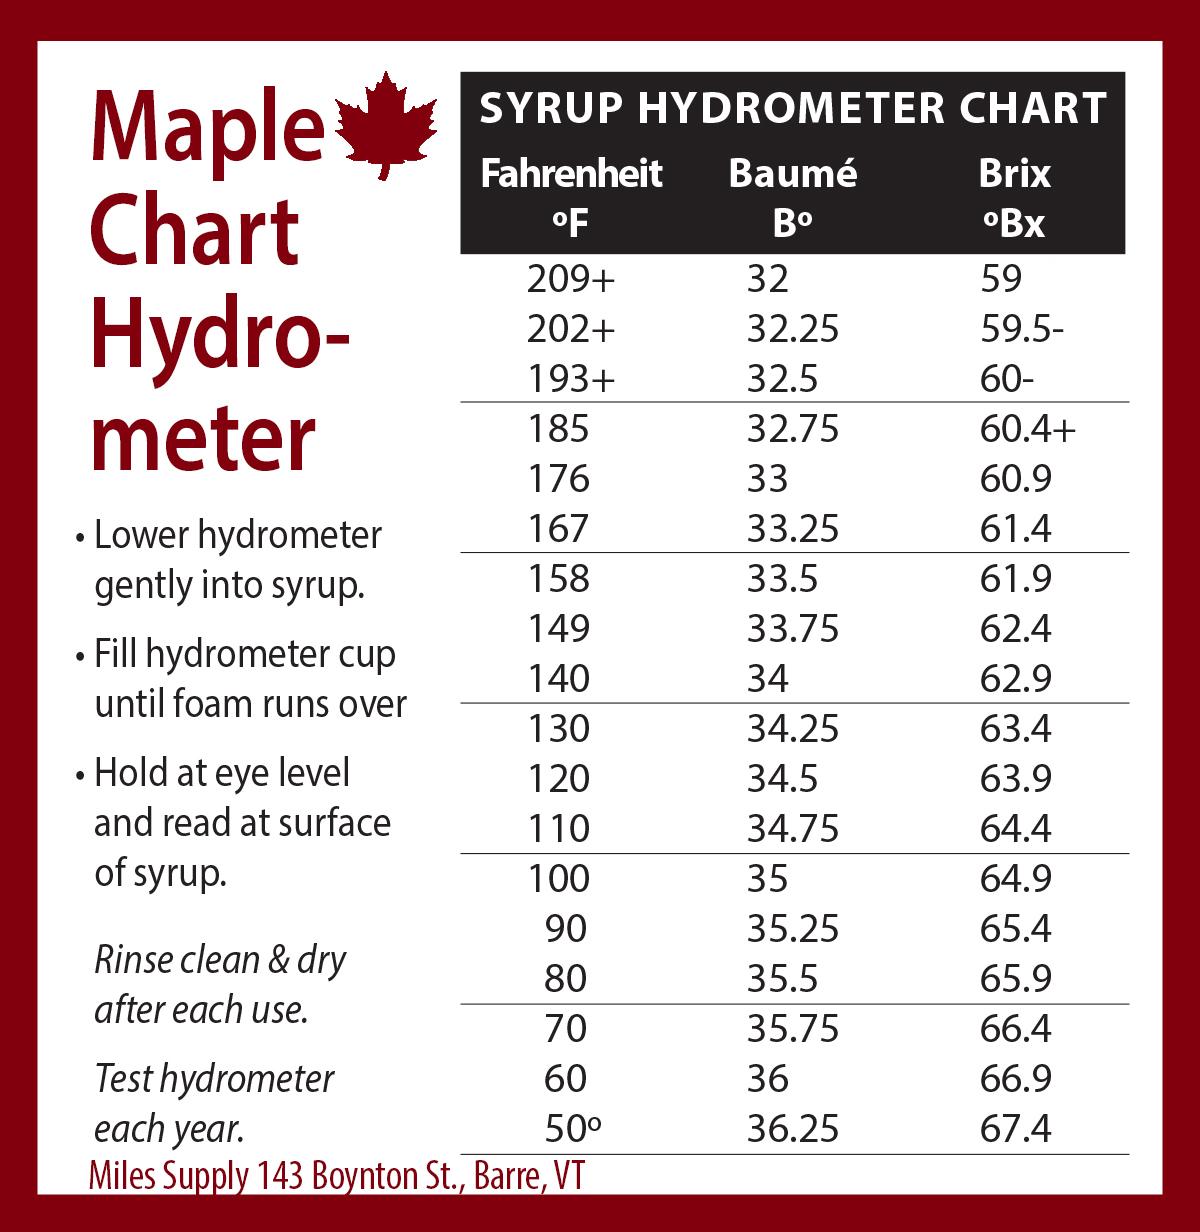 hydrometer temperatures for maple sugaring